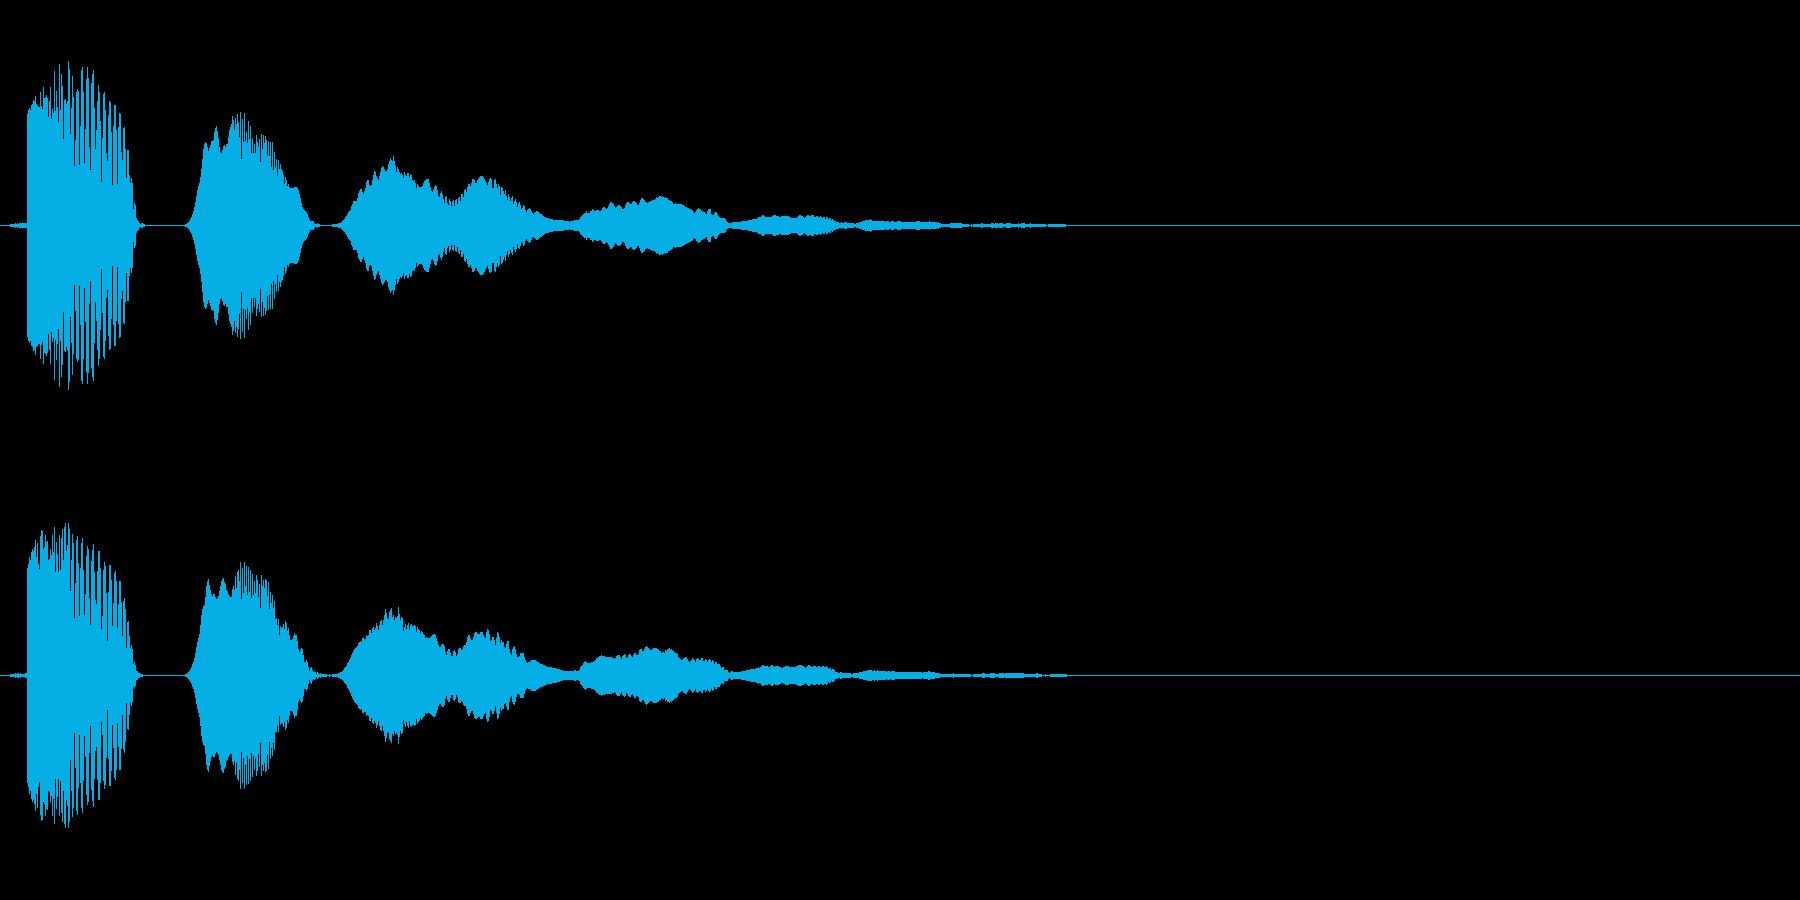 ボヨヨーン(弾力のある効果音)の再生済みの波形